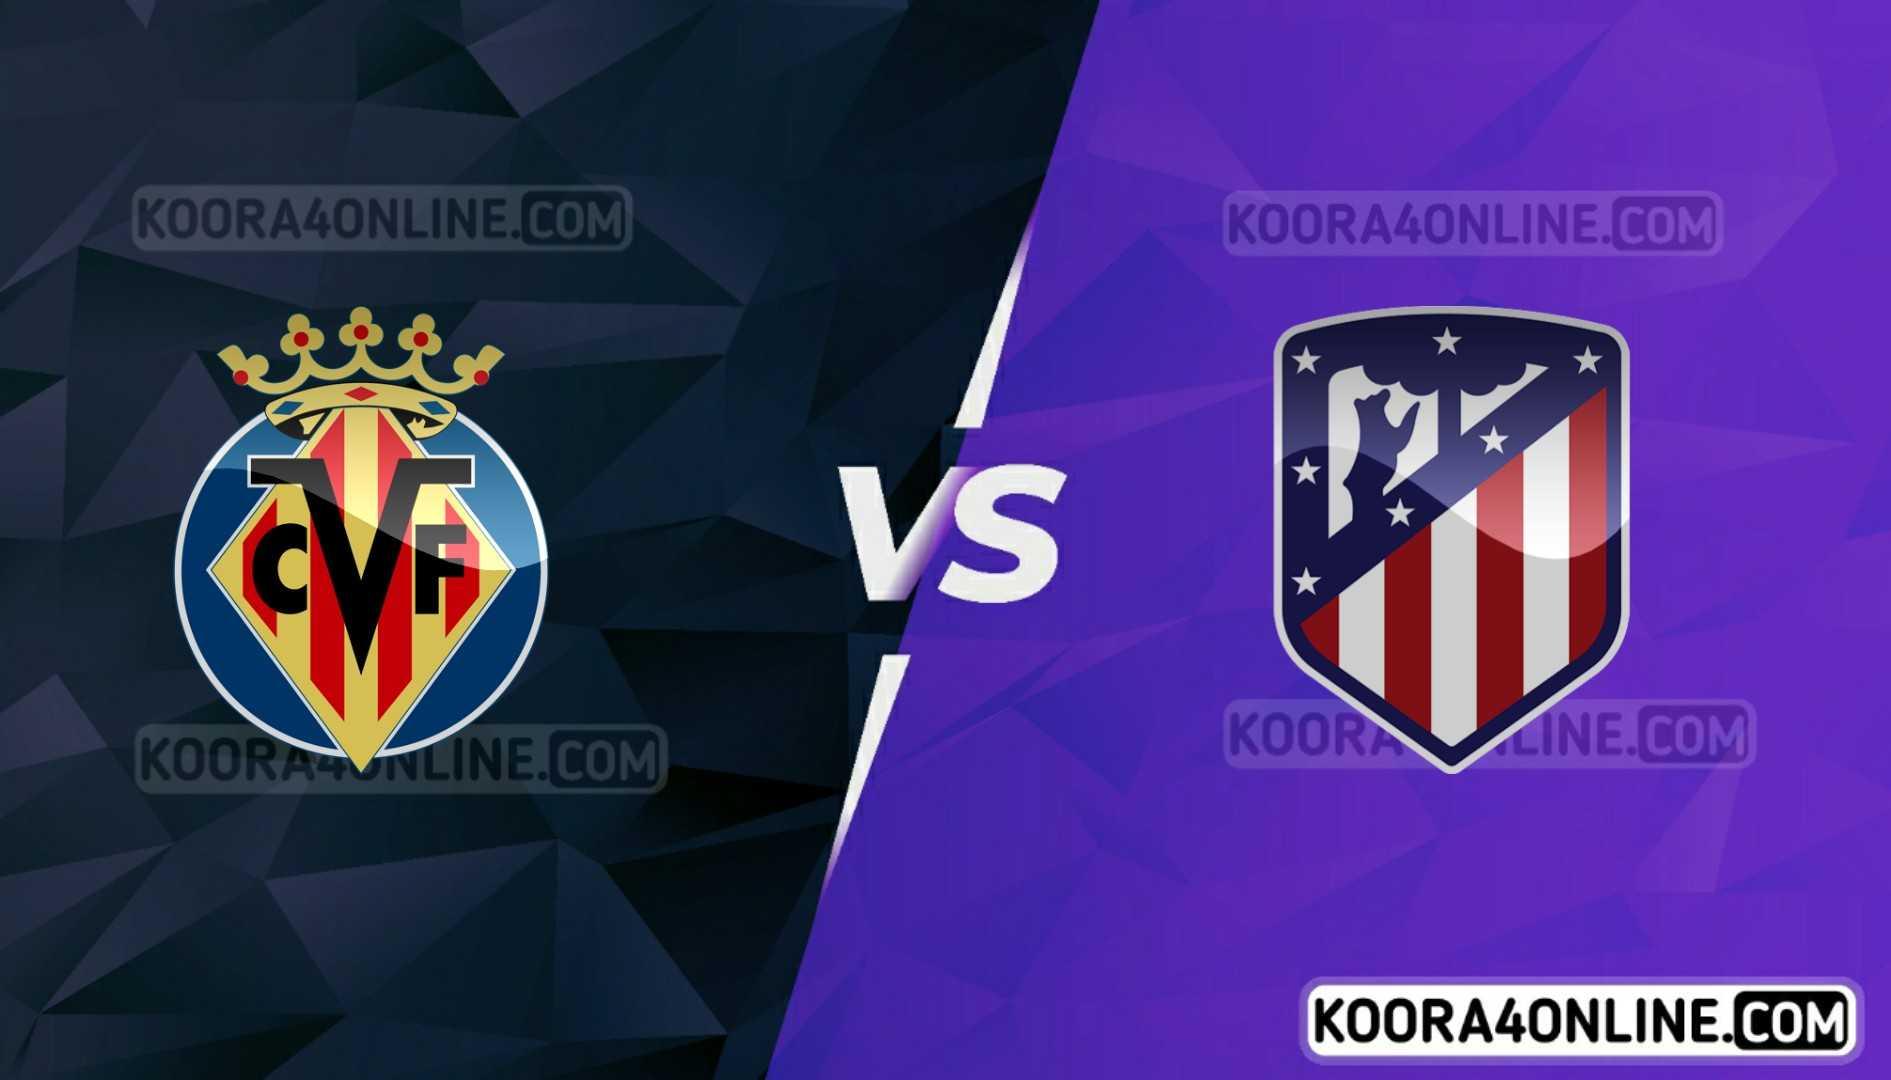 مشاهدة مباراة اتليتكو مدريد و فياريال بث مباشر 29-08-2021 الدوري الاسباني